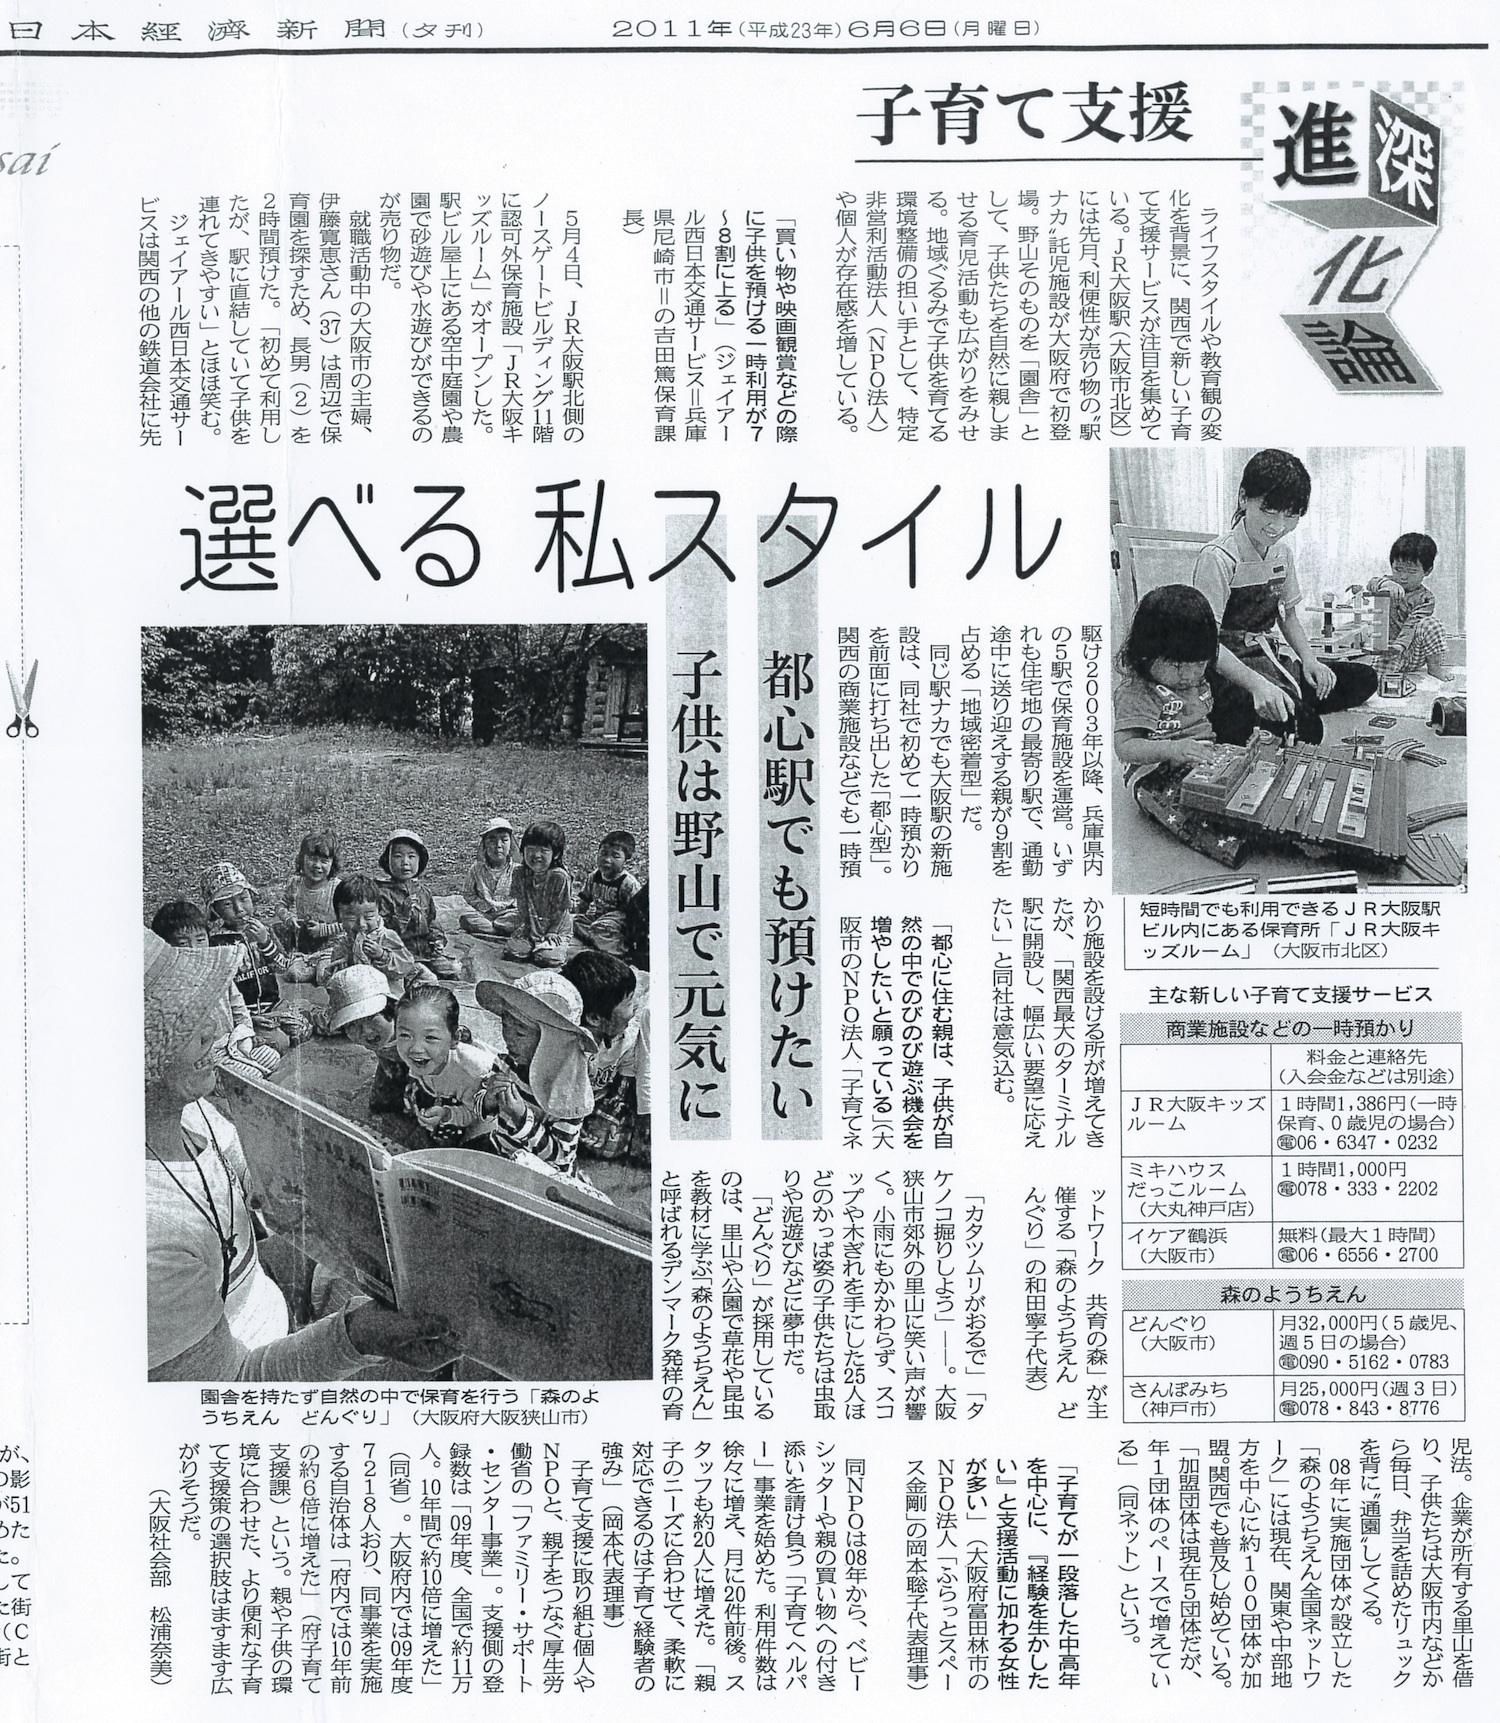 「選べる私スタイル」地域ぐるみで子供を育てる環境整備の担い手としての森のようちえん どんぐりの取り組み 日本経済新聞に記事掲載(2011/6/6)